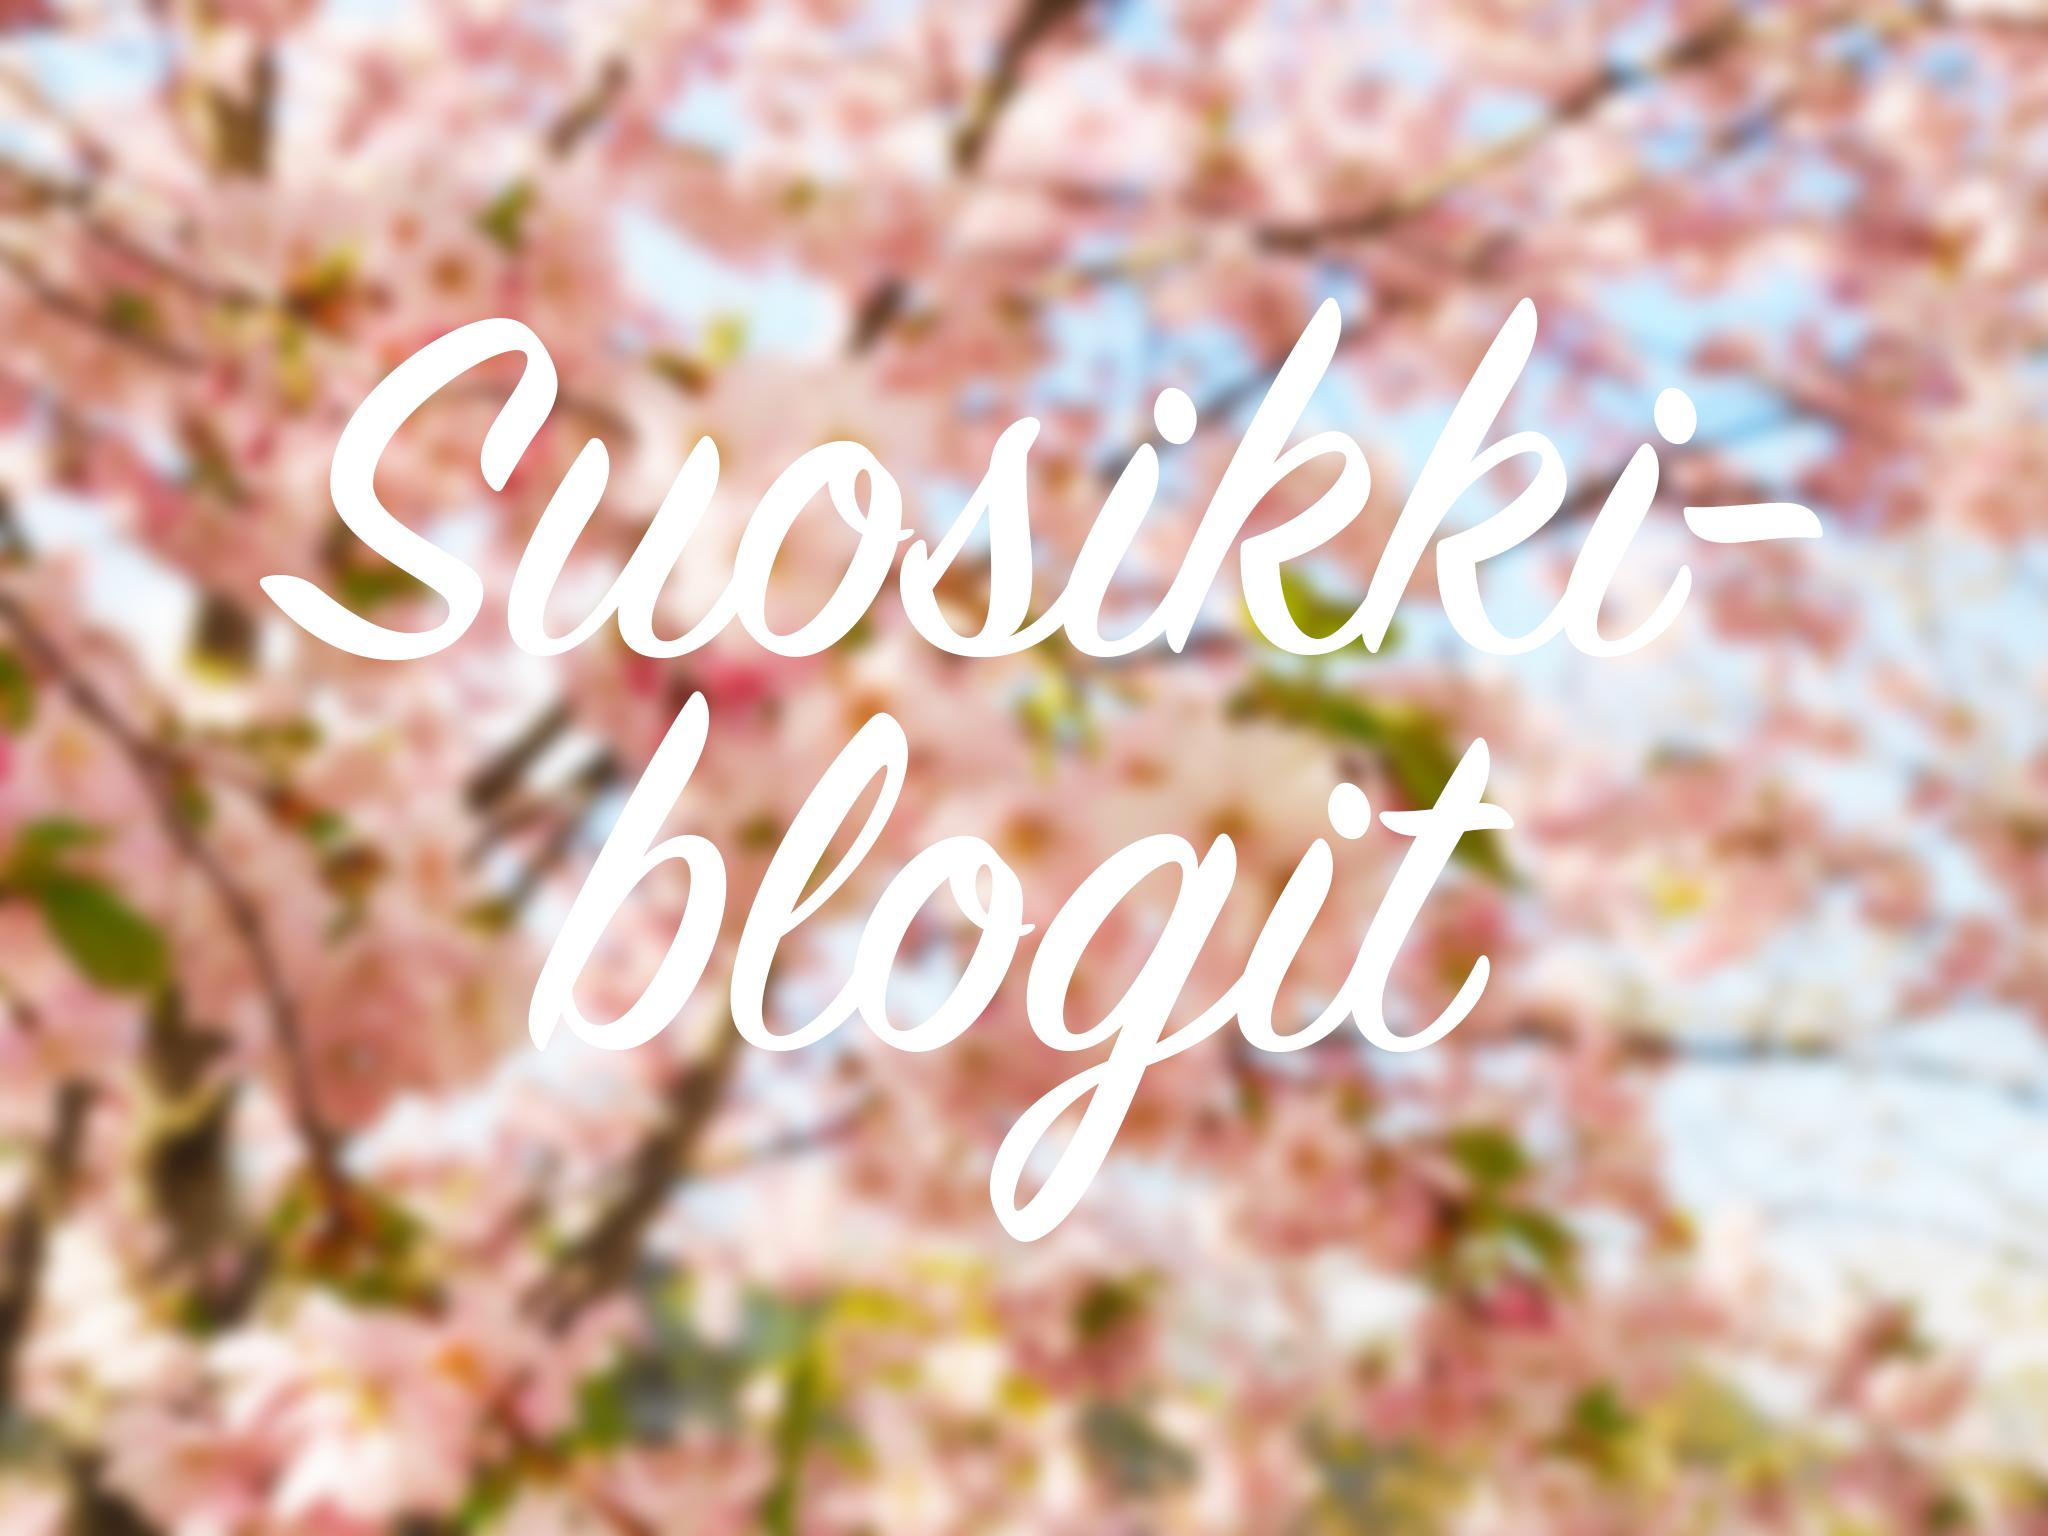 Mun viisi lempiblogia